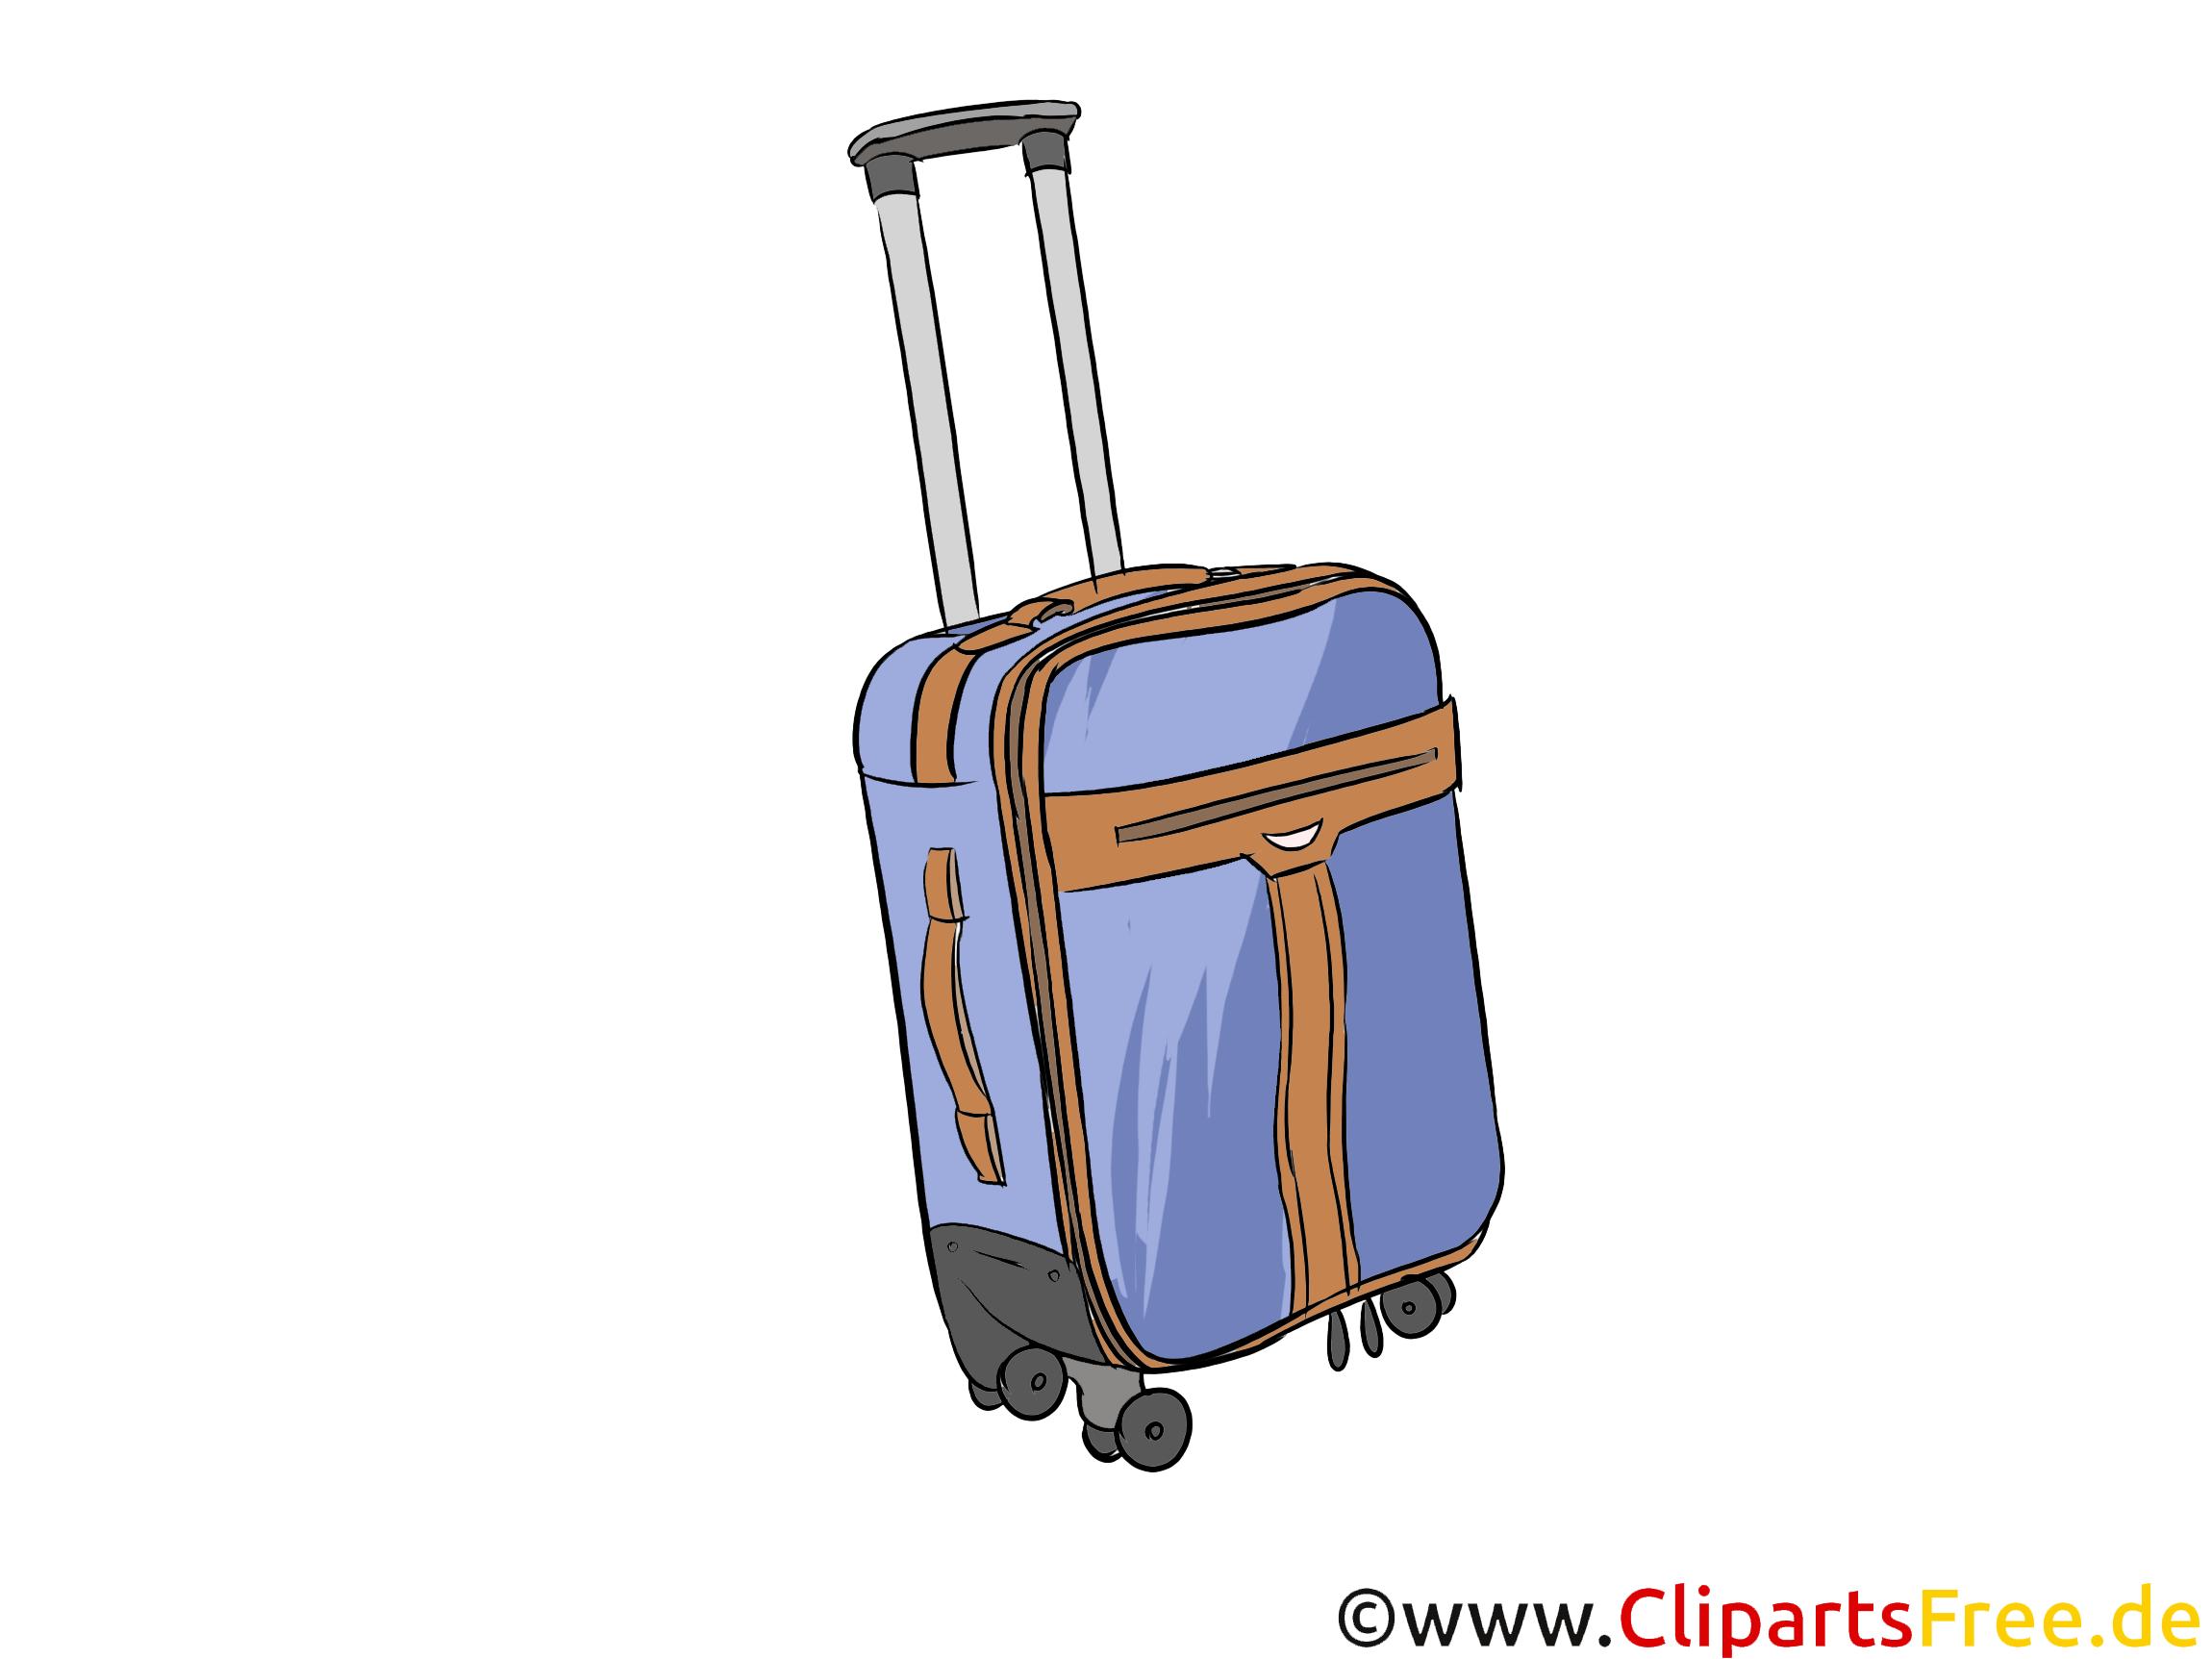 Reisekoffer Bild, Illustration, Clipart